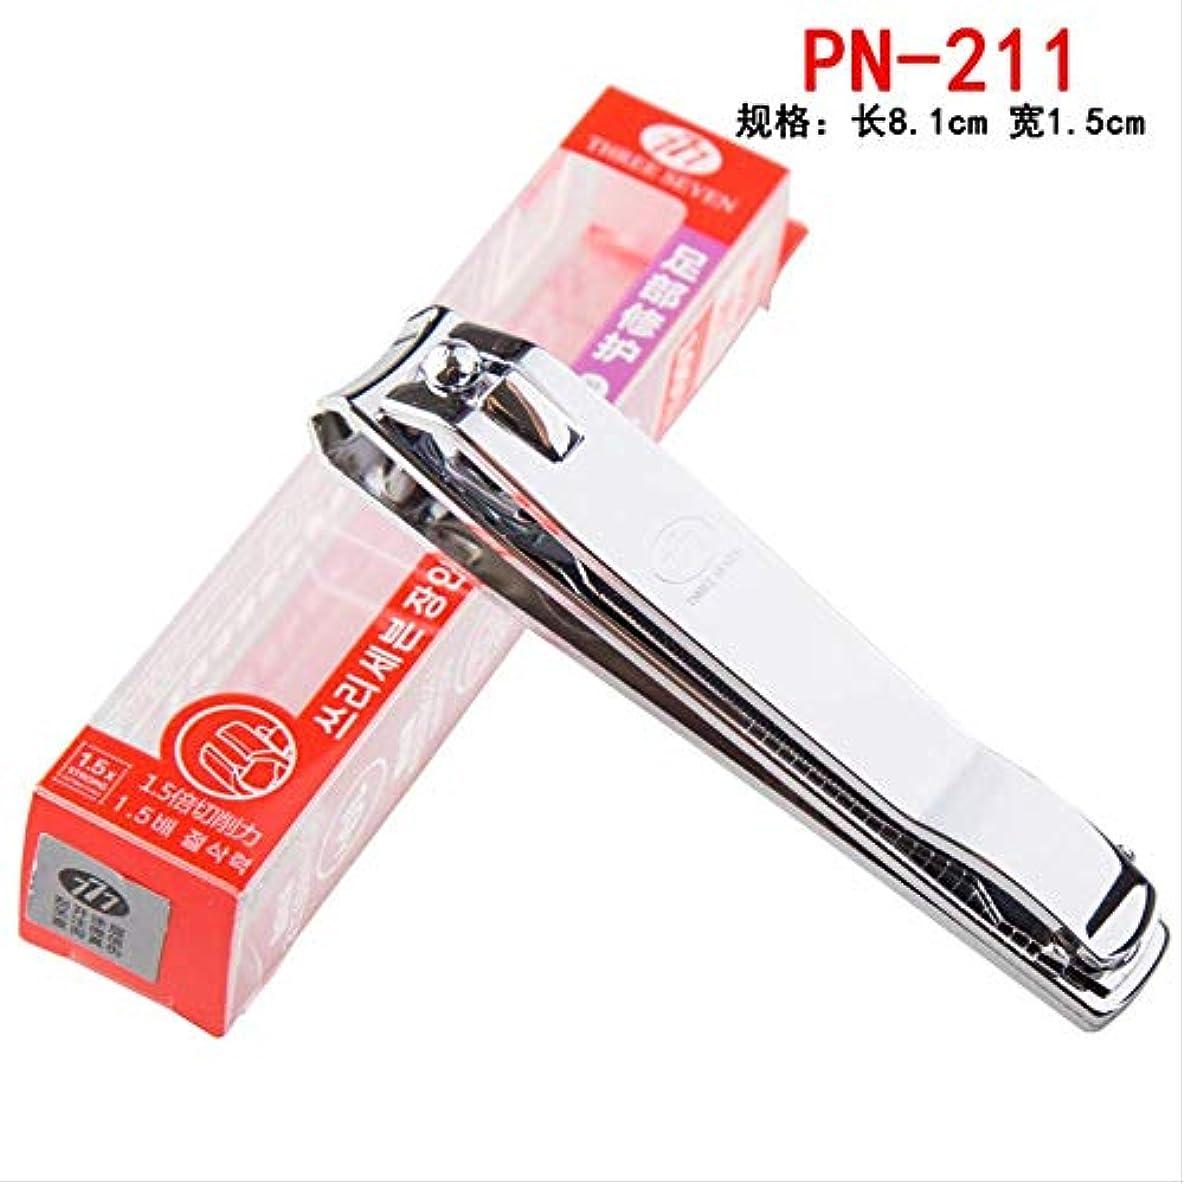 シャワー起訴する明示的に韓国777爪切りはさみ元平口斜め爪切り小さな爪切り大本物 PN-211ギフトボックス